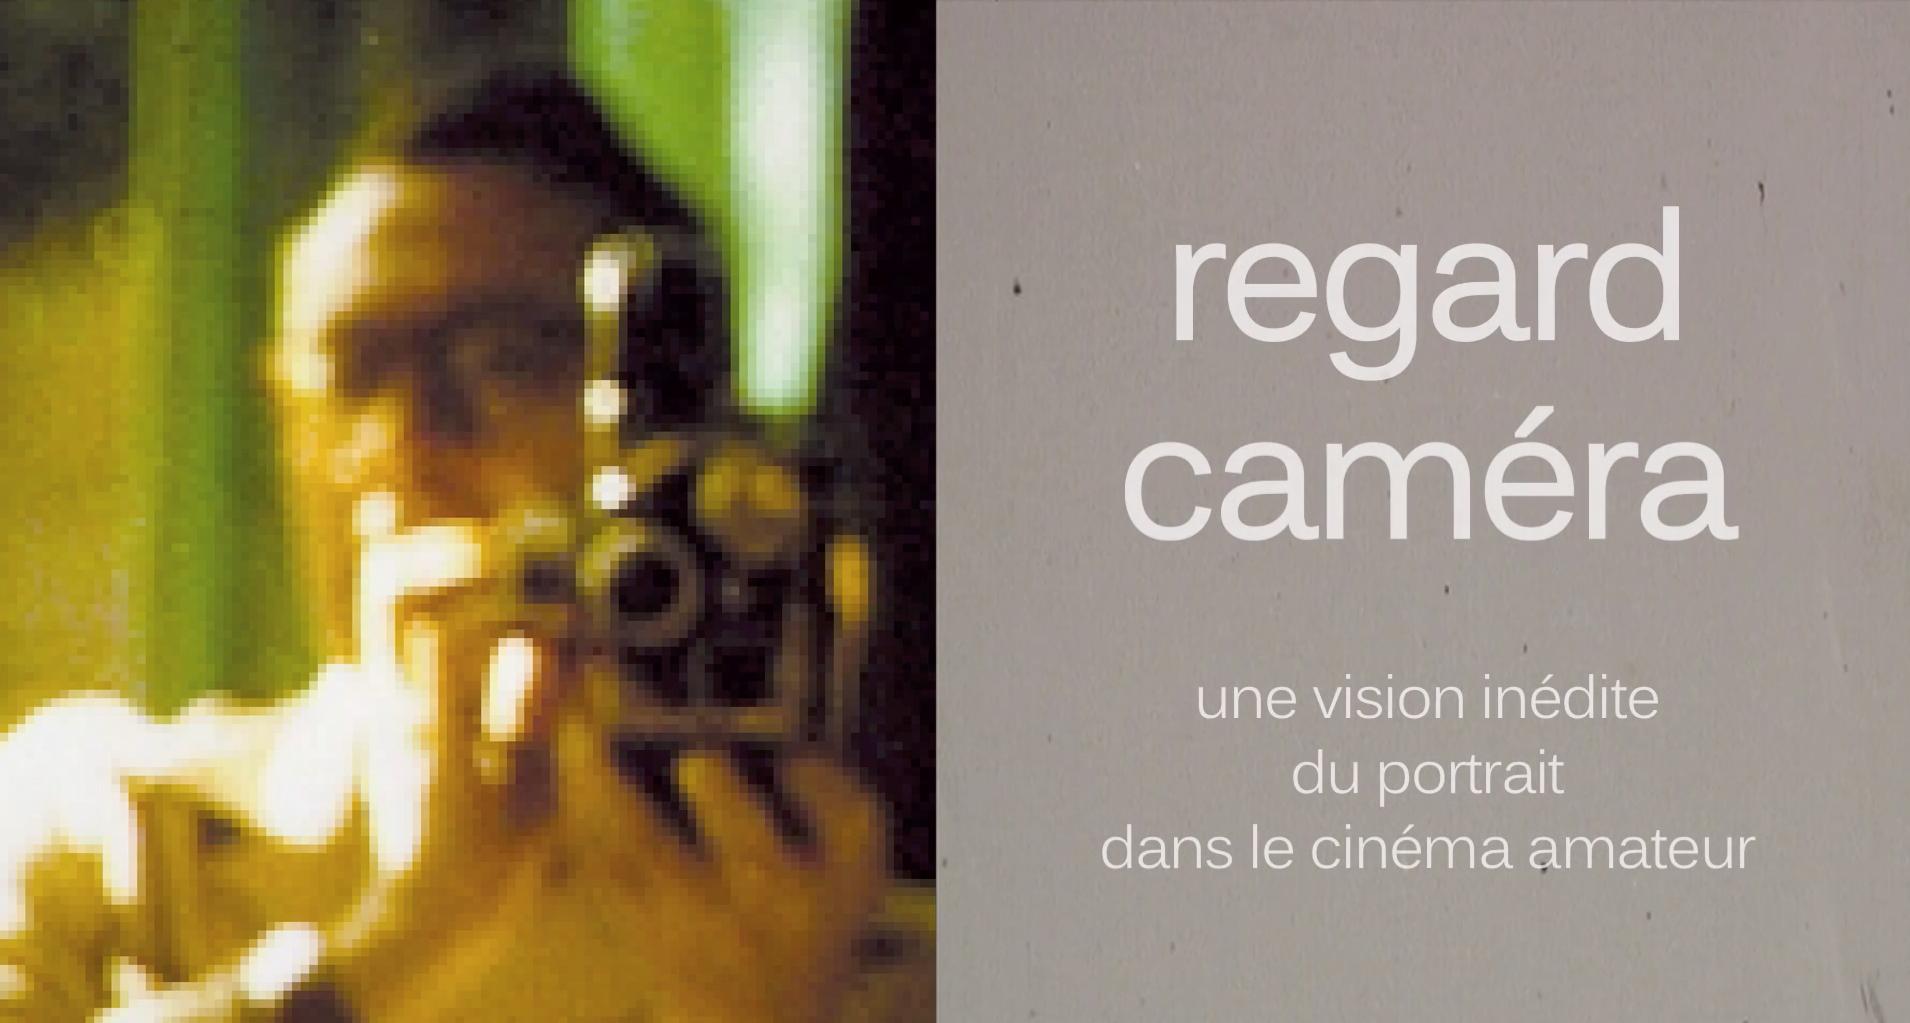 Regard Caméra : une vision inédite du portrait dans le cinéma amateur